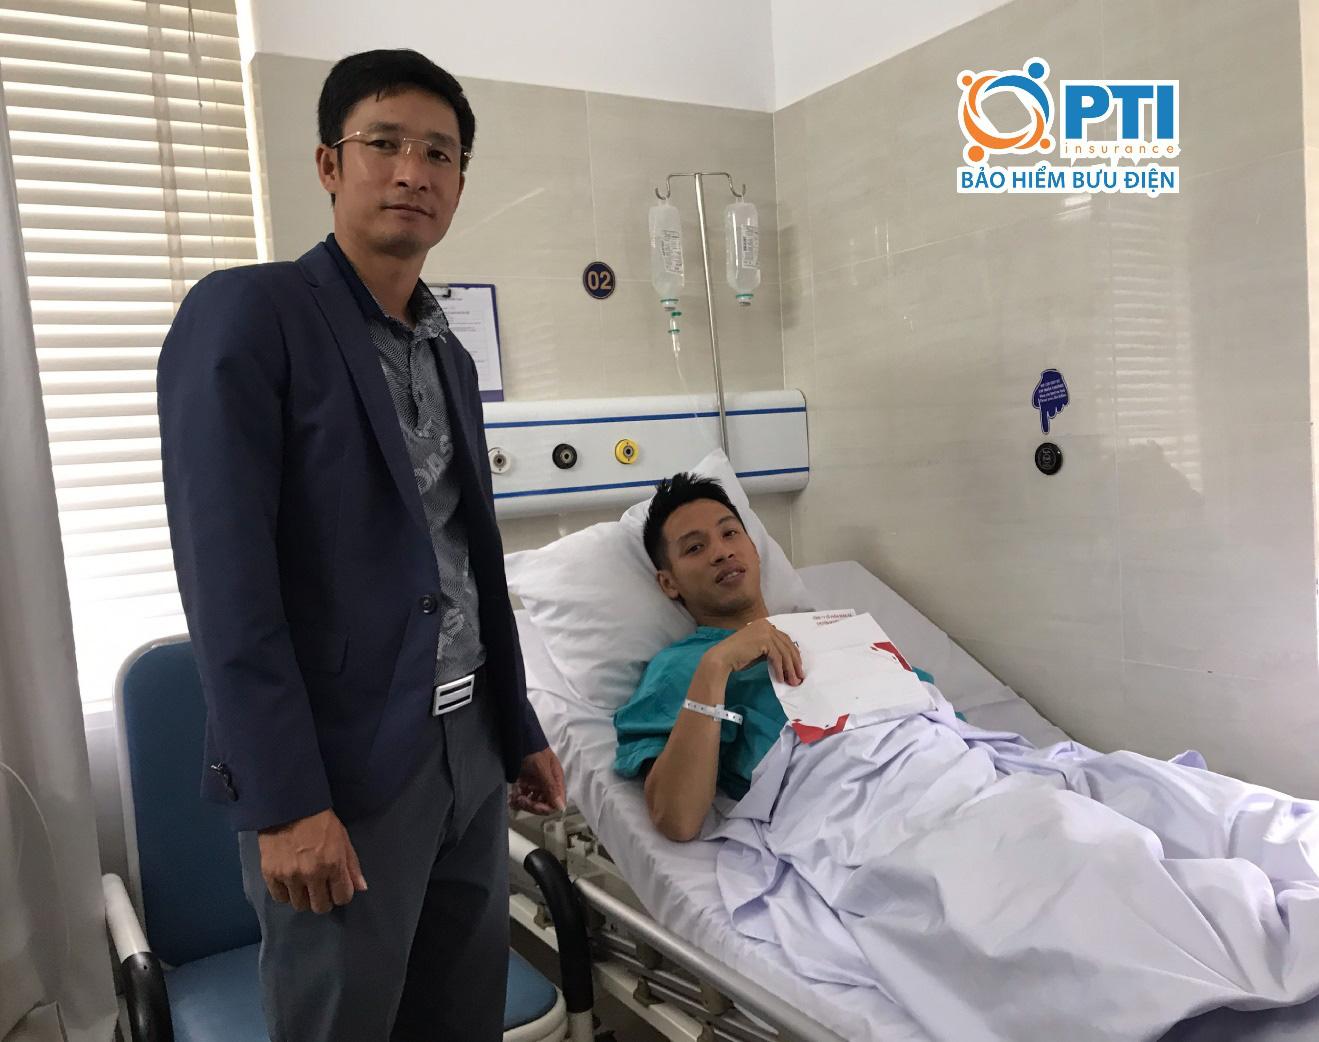 PTI sẽ chi trả chi phí điều trị chấn thương cho Hùng Dũng - Ảnh 1.